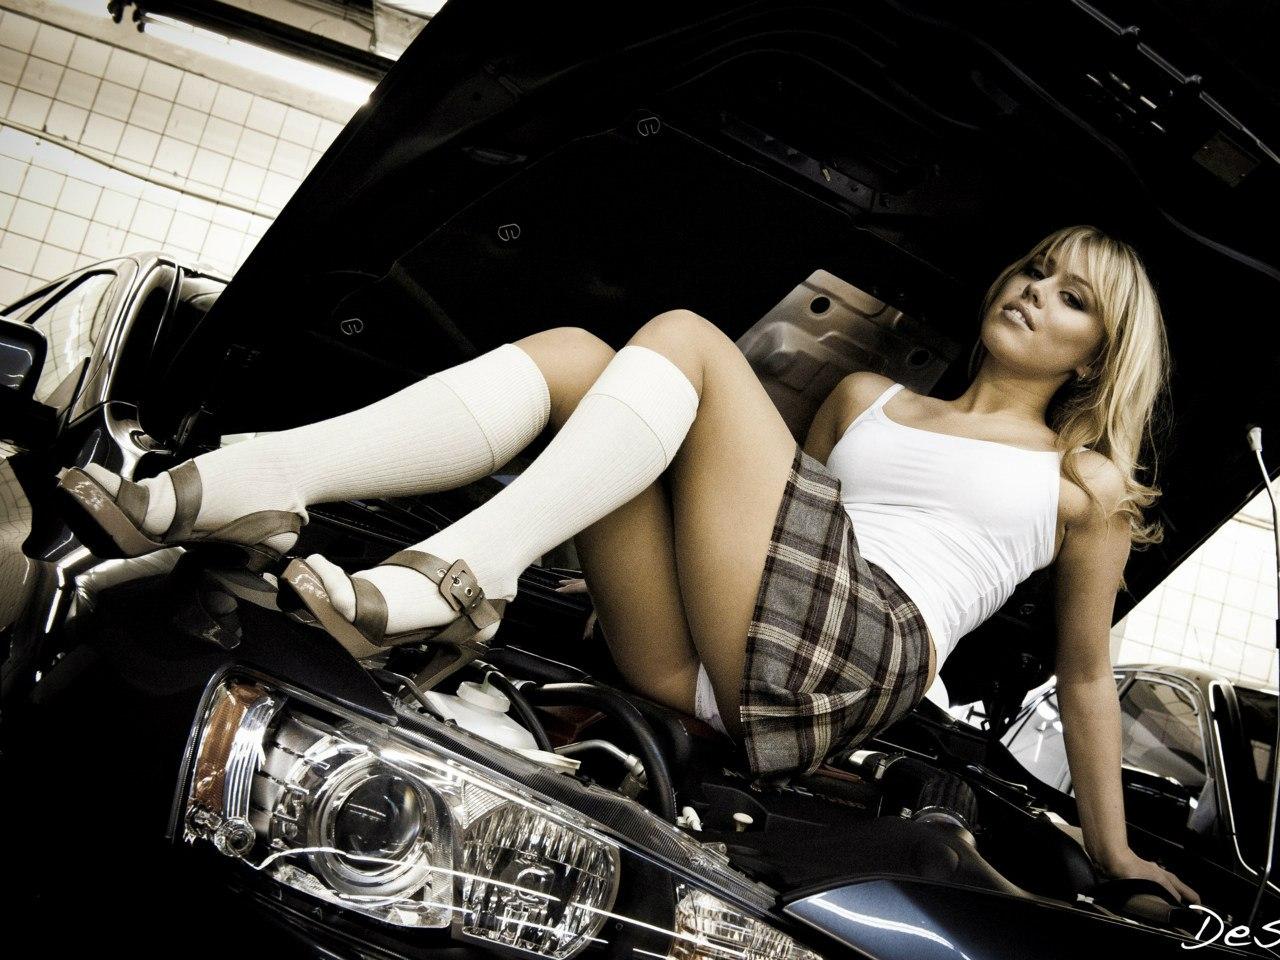 проститутки екатеринбурга на шефской